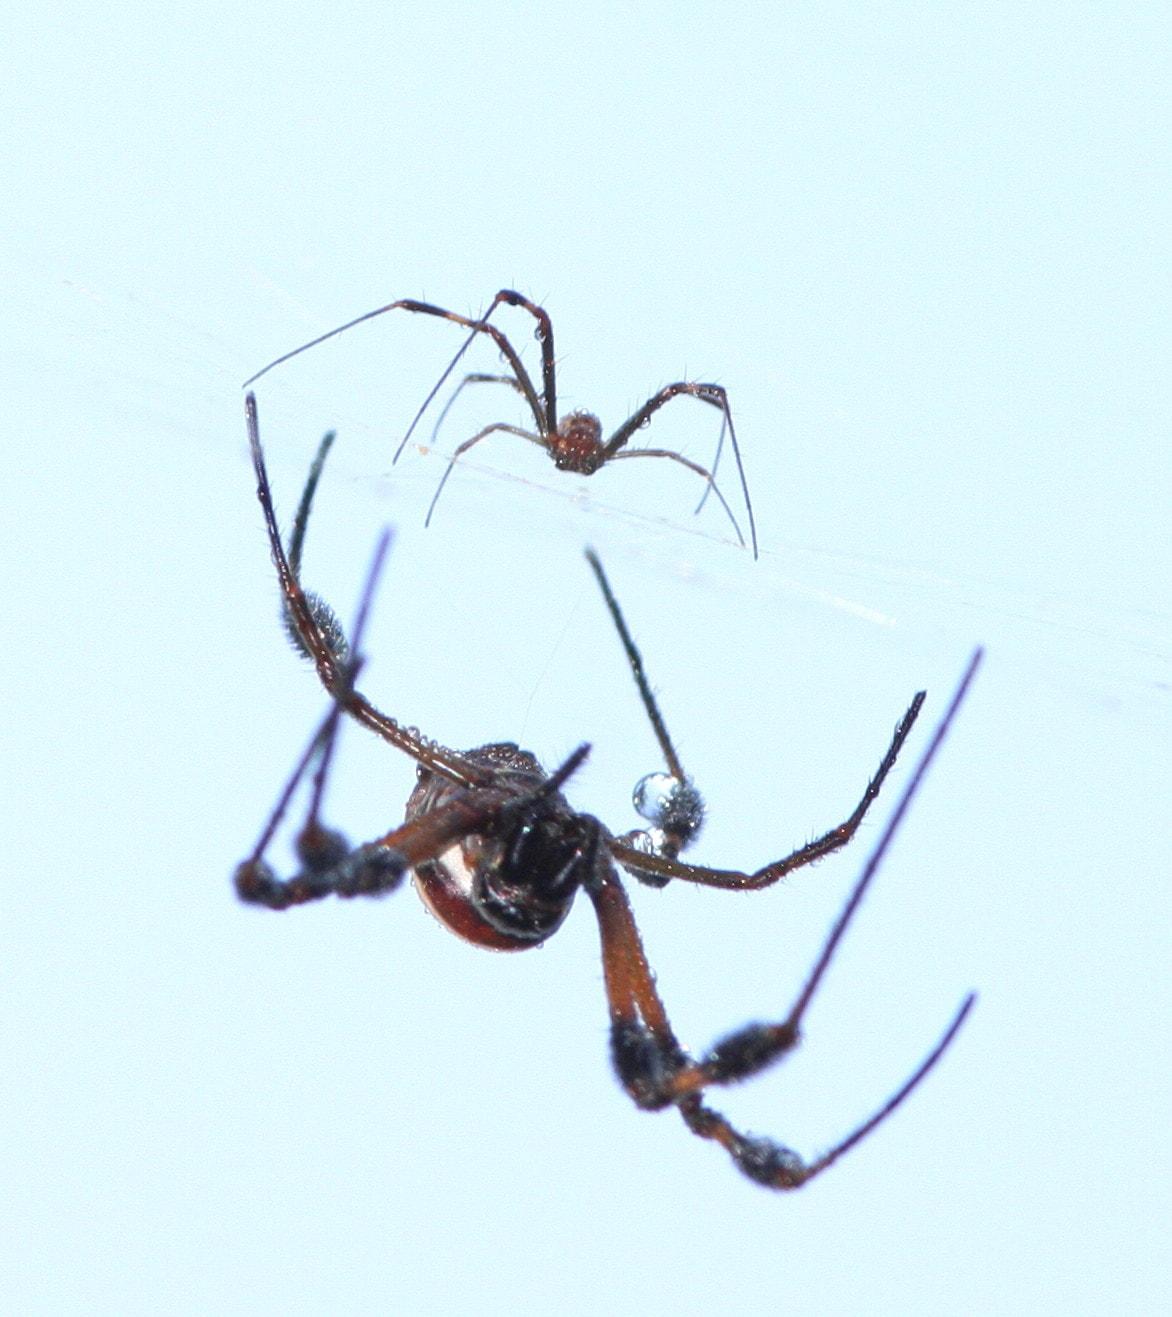 Picture of Trichonephila clavipes (Golden Silk Orb-weaver) - Male,Female